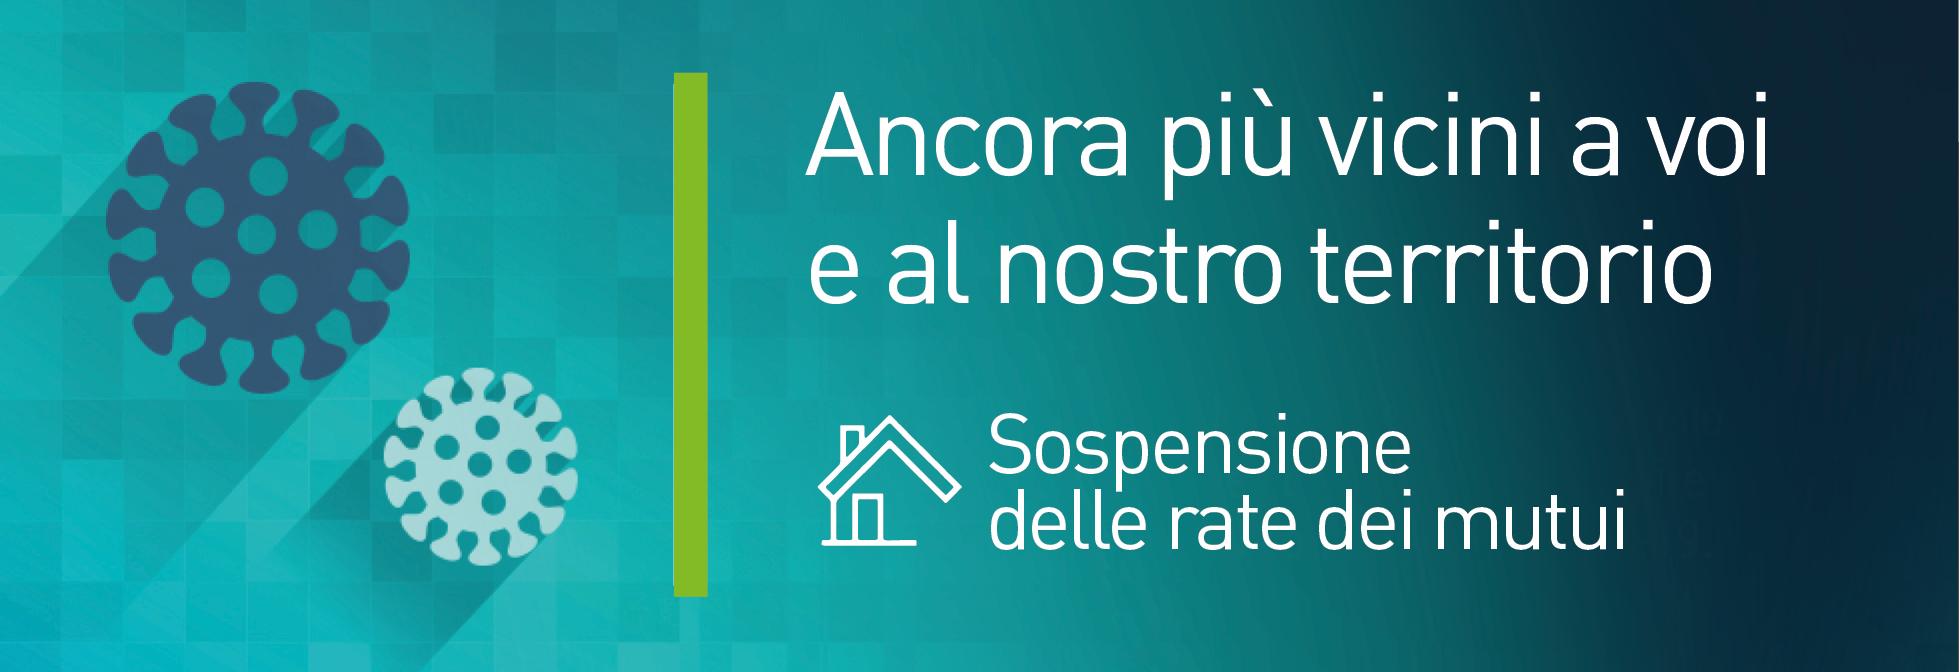 banner sospensione rate mutui